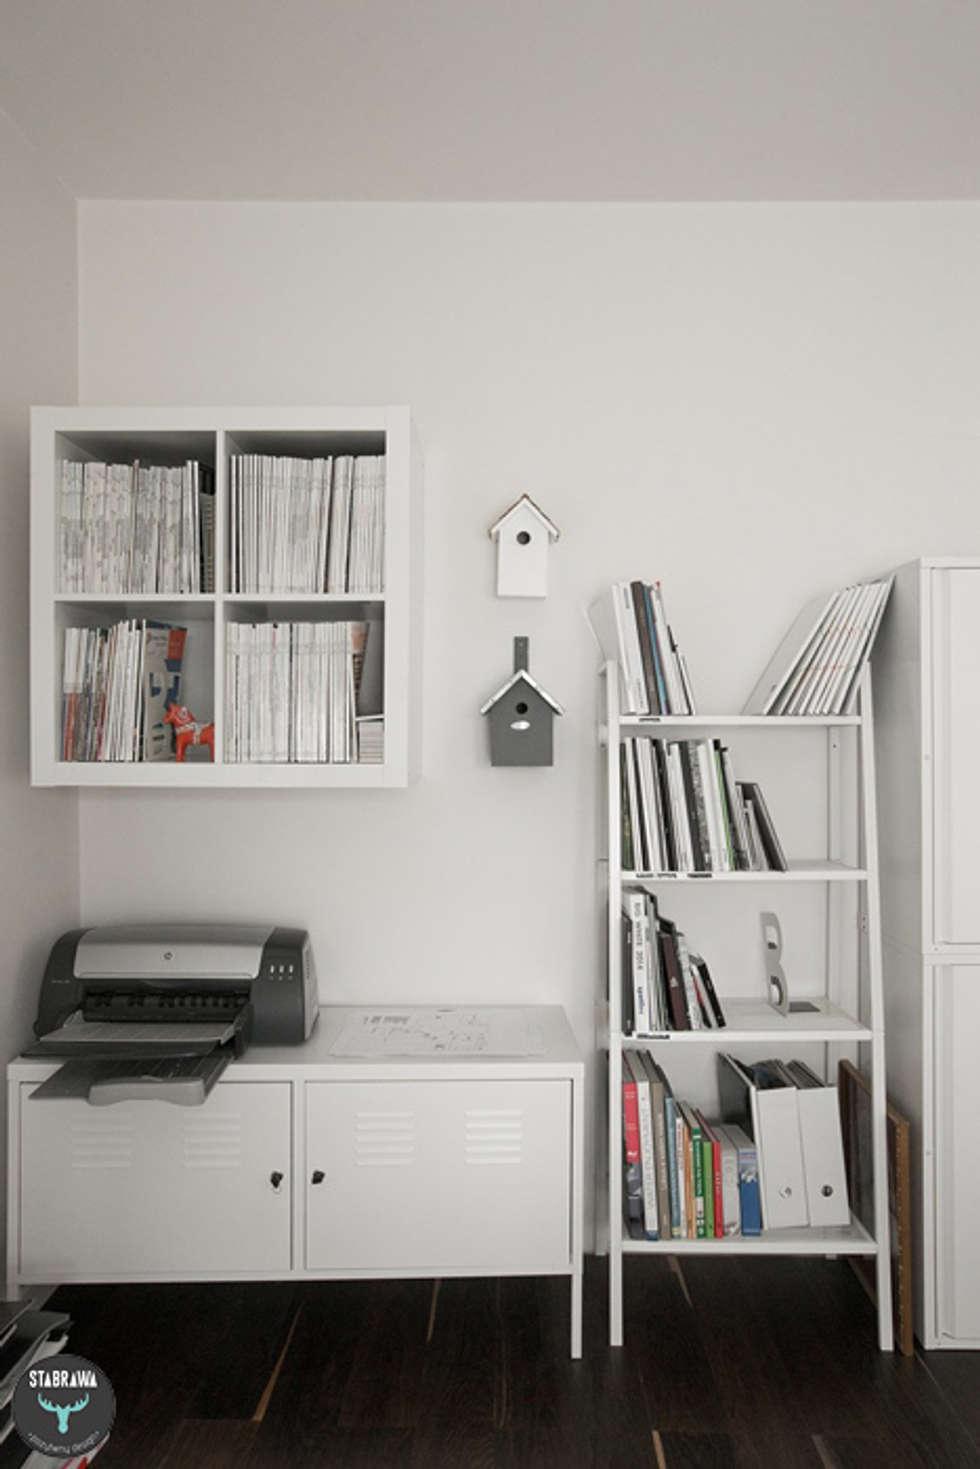 Pracownia : styl , w kategorii Domowe biuro i gabinet zaprojektowany przez stabrawa.pl